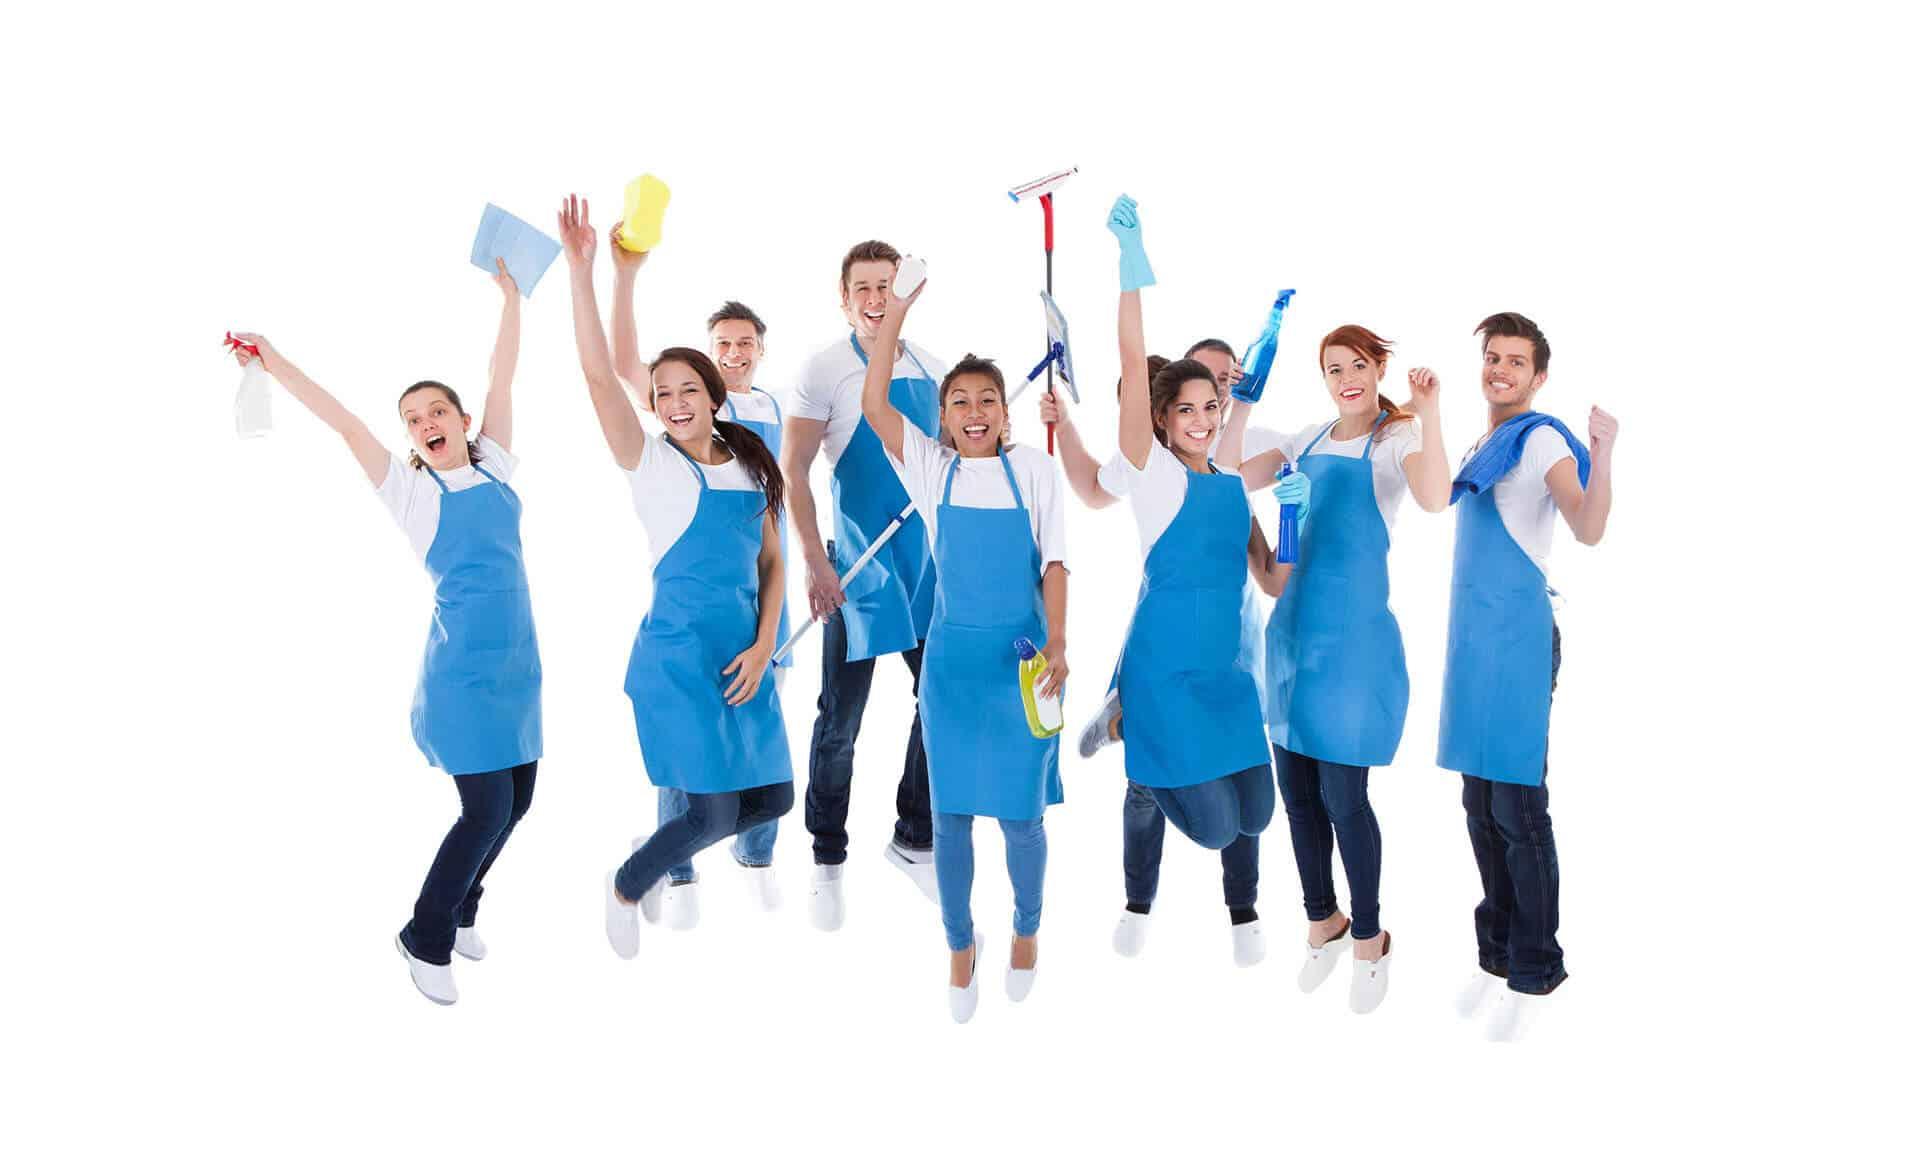 Imprese di pulizie a Thiene Vicenza